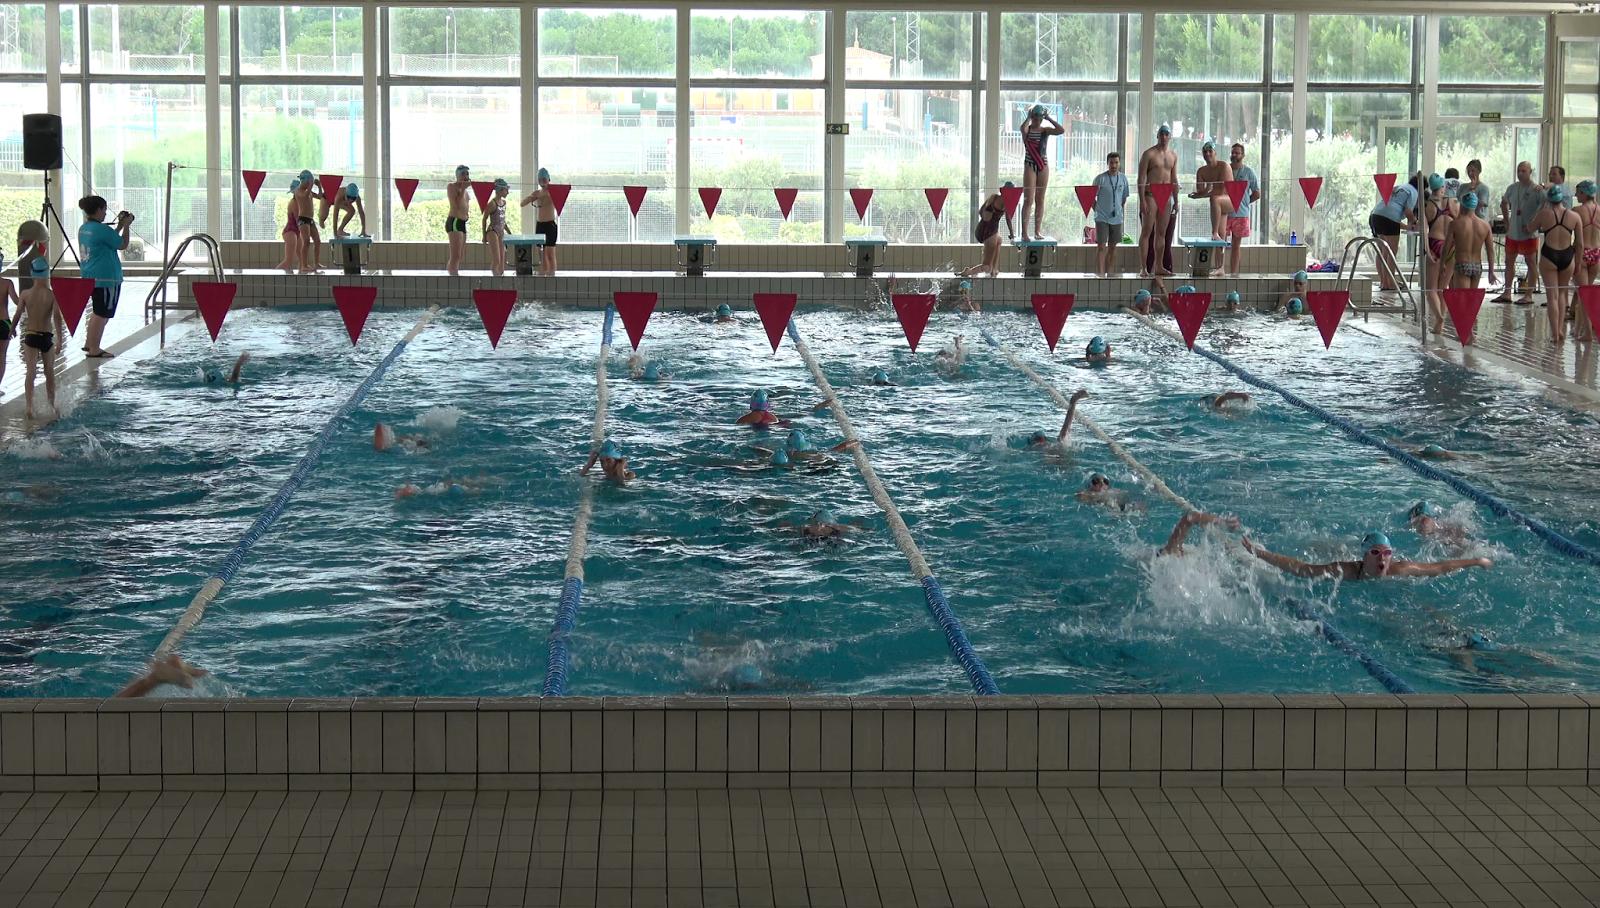 Campeonato de nataci n en el centro municipal de nataci n san fernando de henares san fernando - Piscina san fernando de henares ...